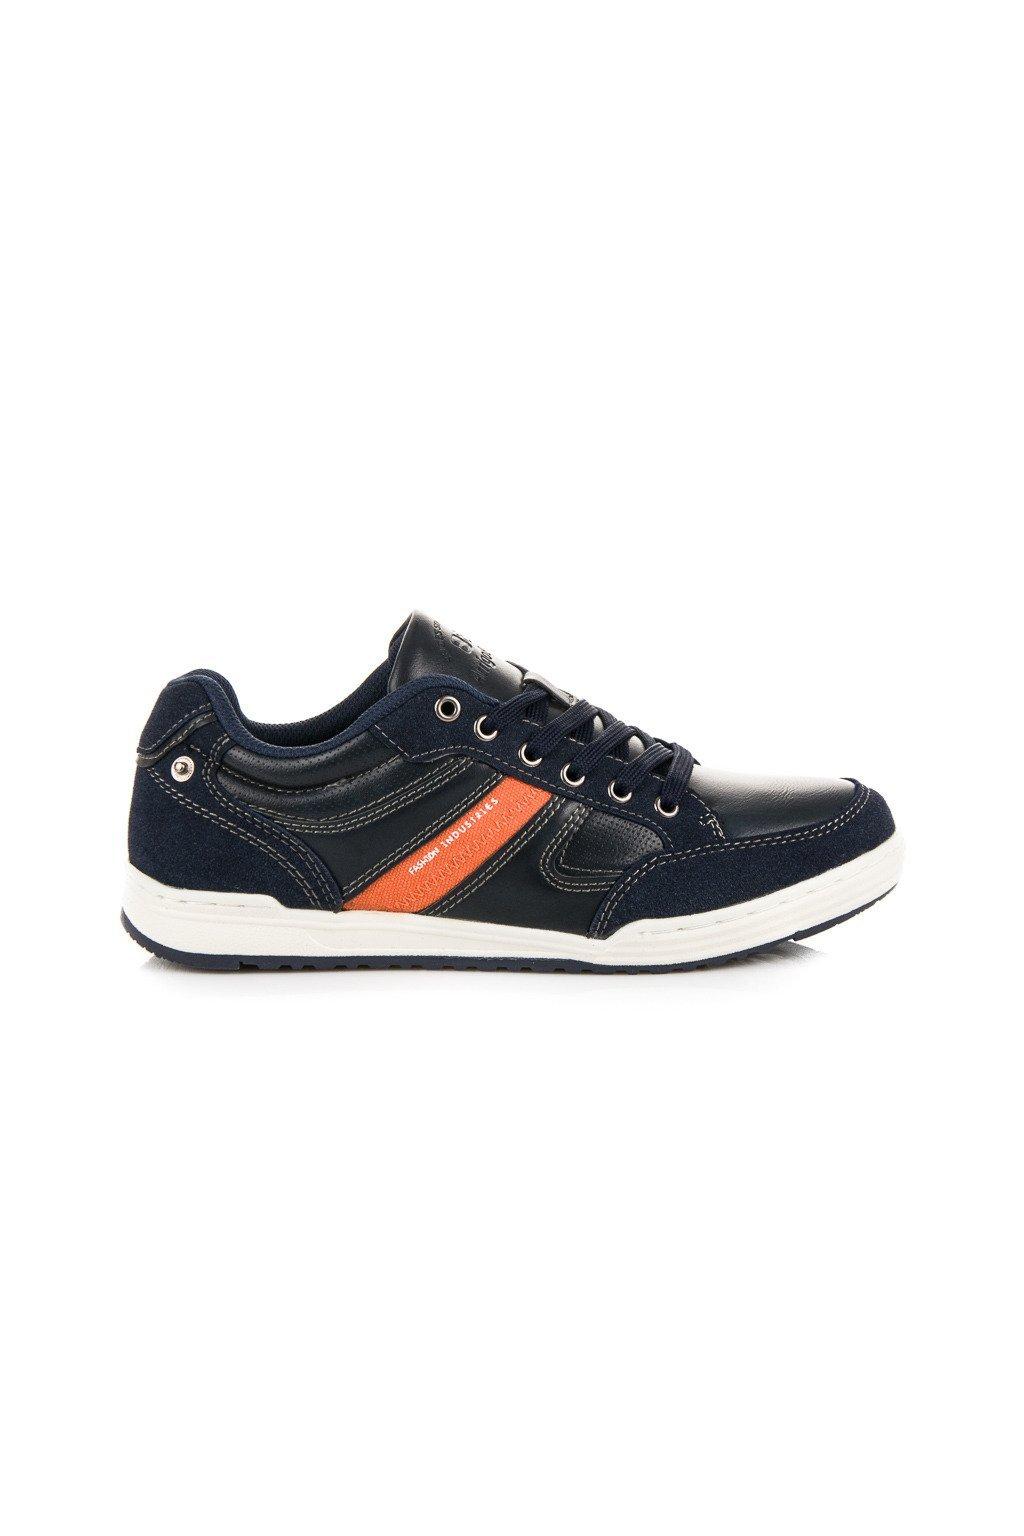 Casual pánske topánky Carol modré A87161N